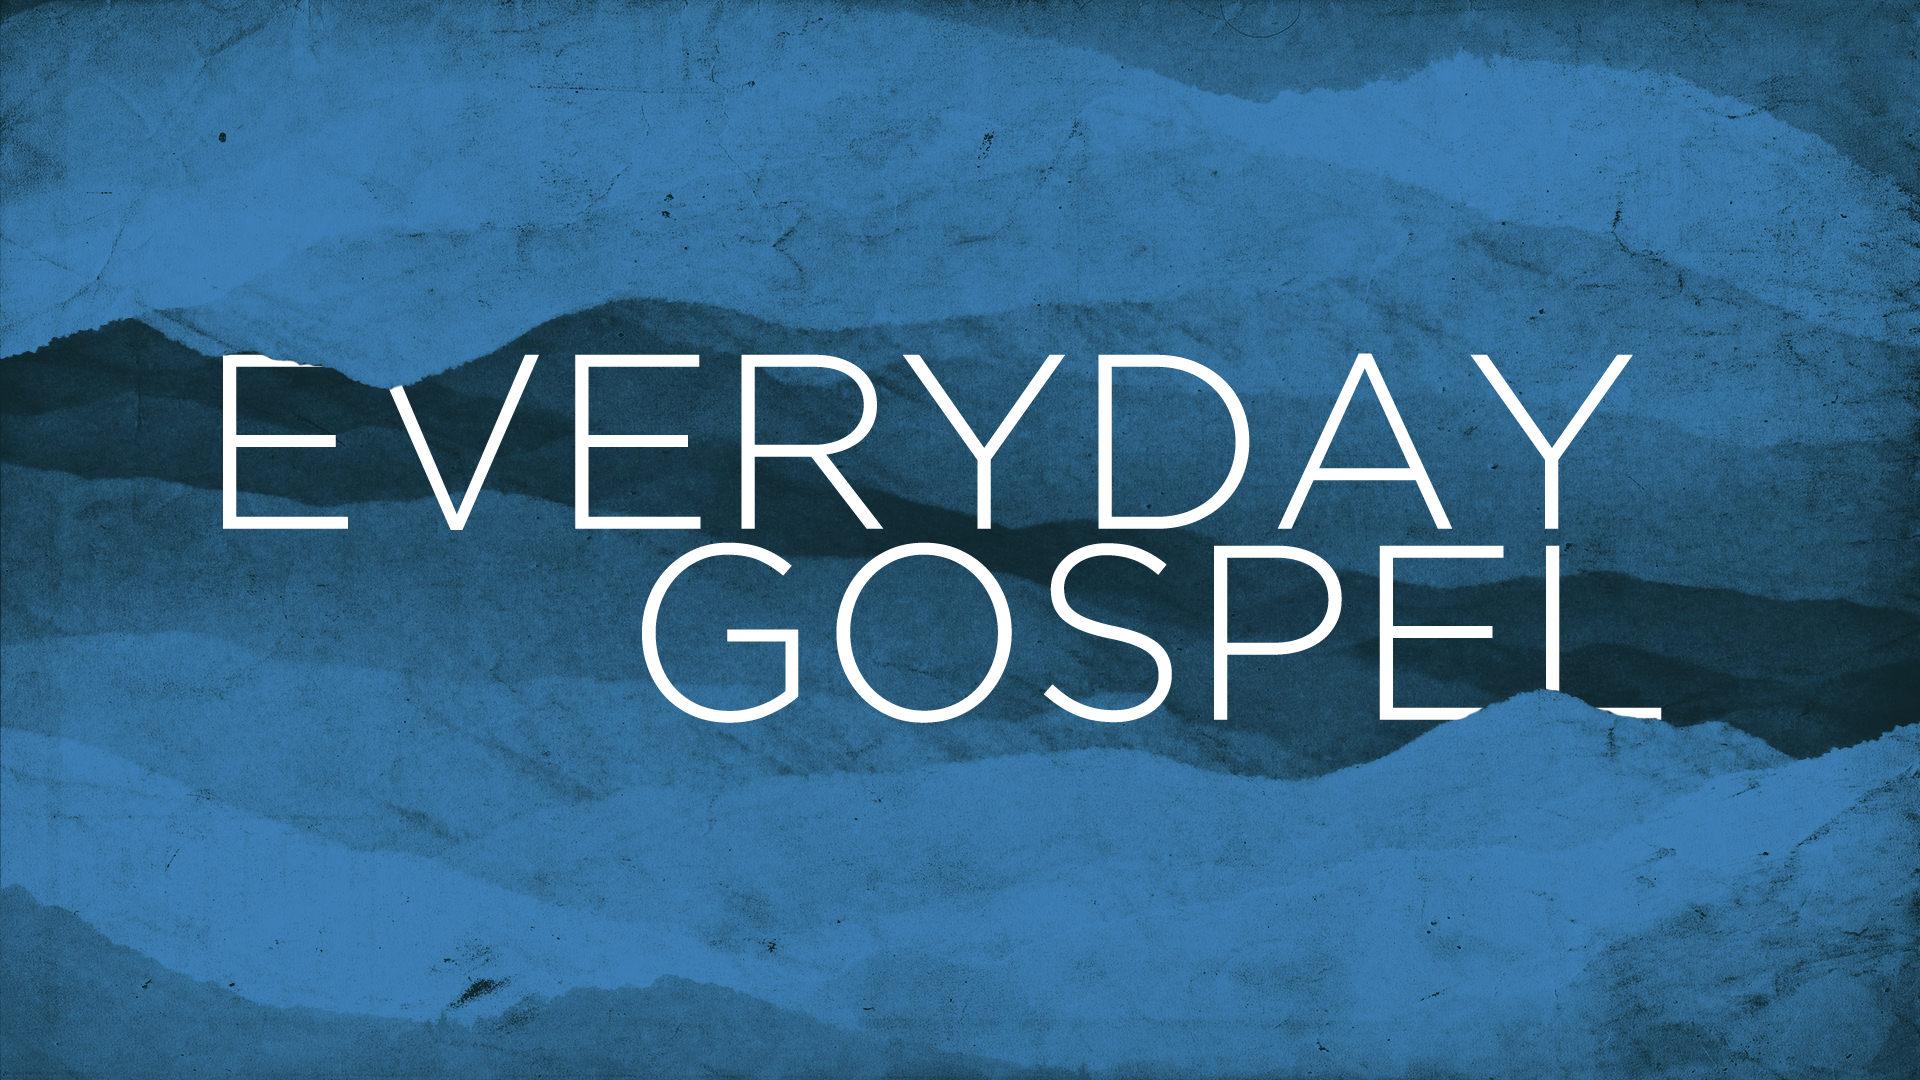 Everyday Gospel